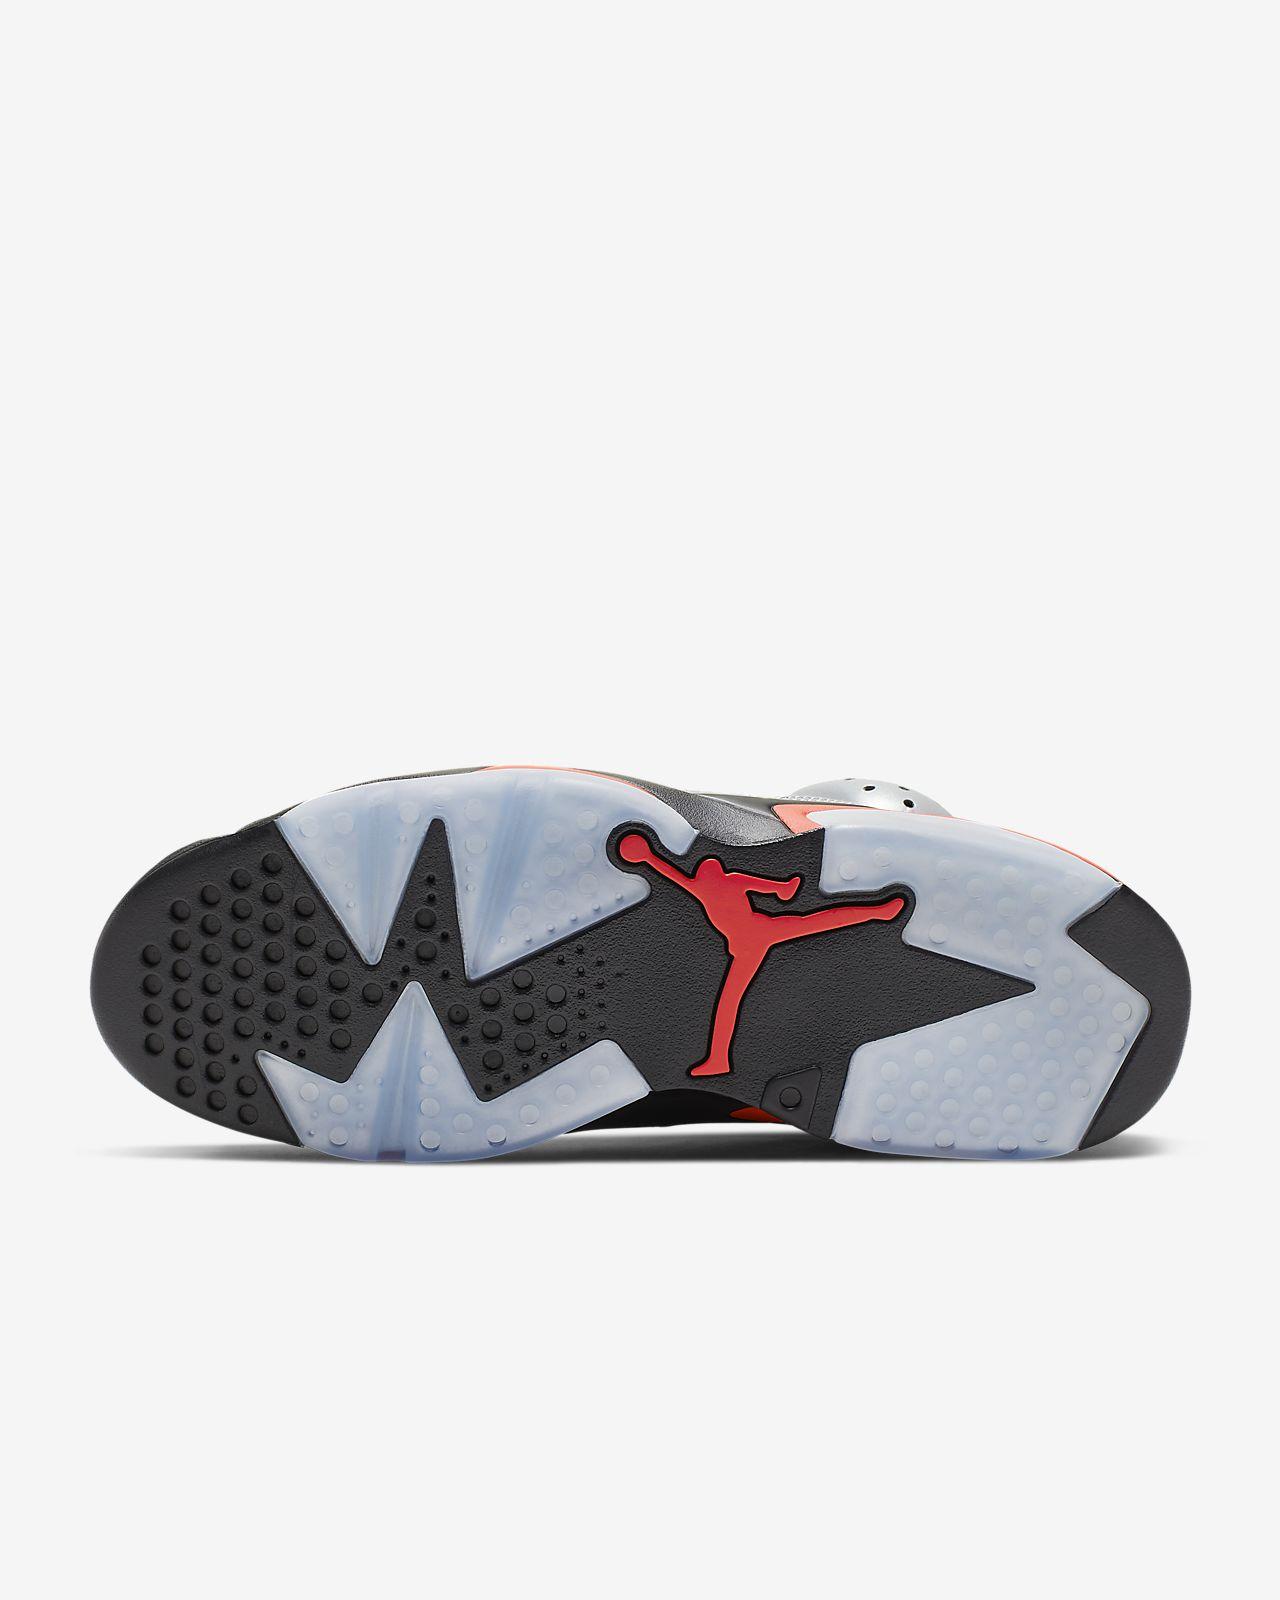 innovative design 113d8 dfddc Air Jordan 6 Retro SP Men's Shoe